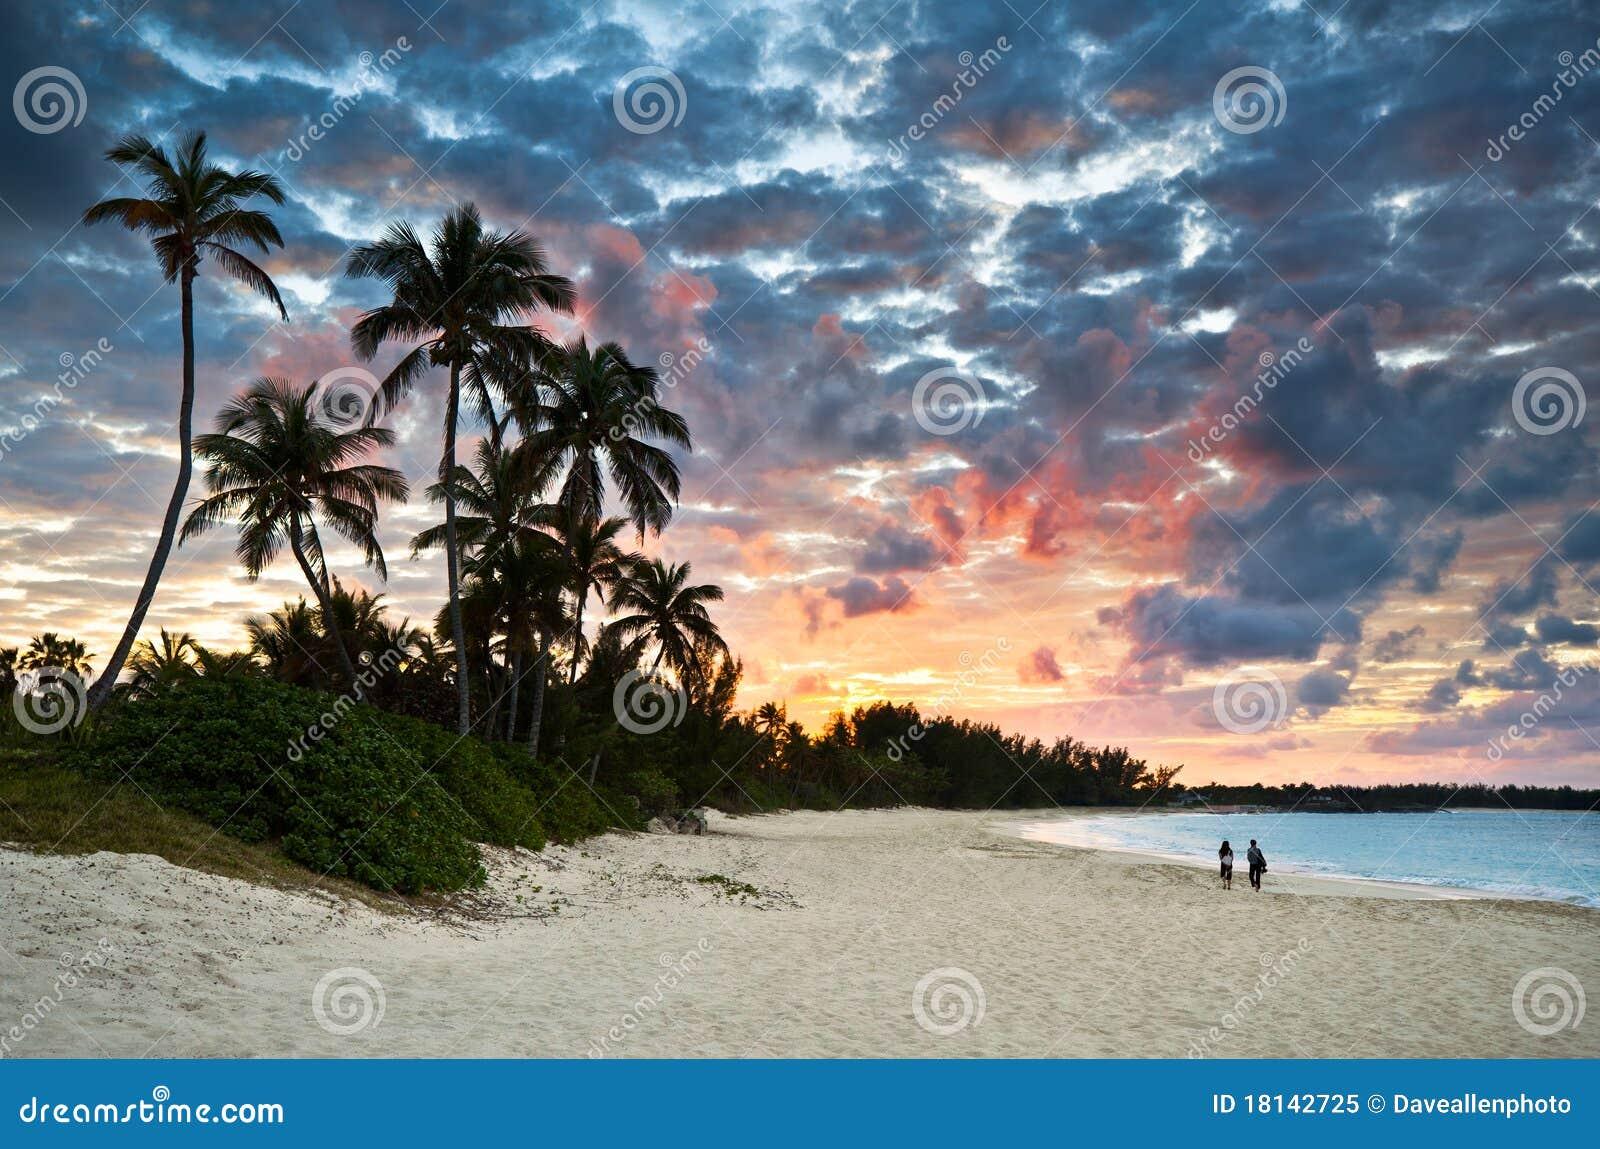 För paradissand för strand tropisk karibisk solnedgång